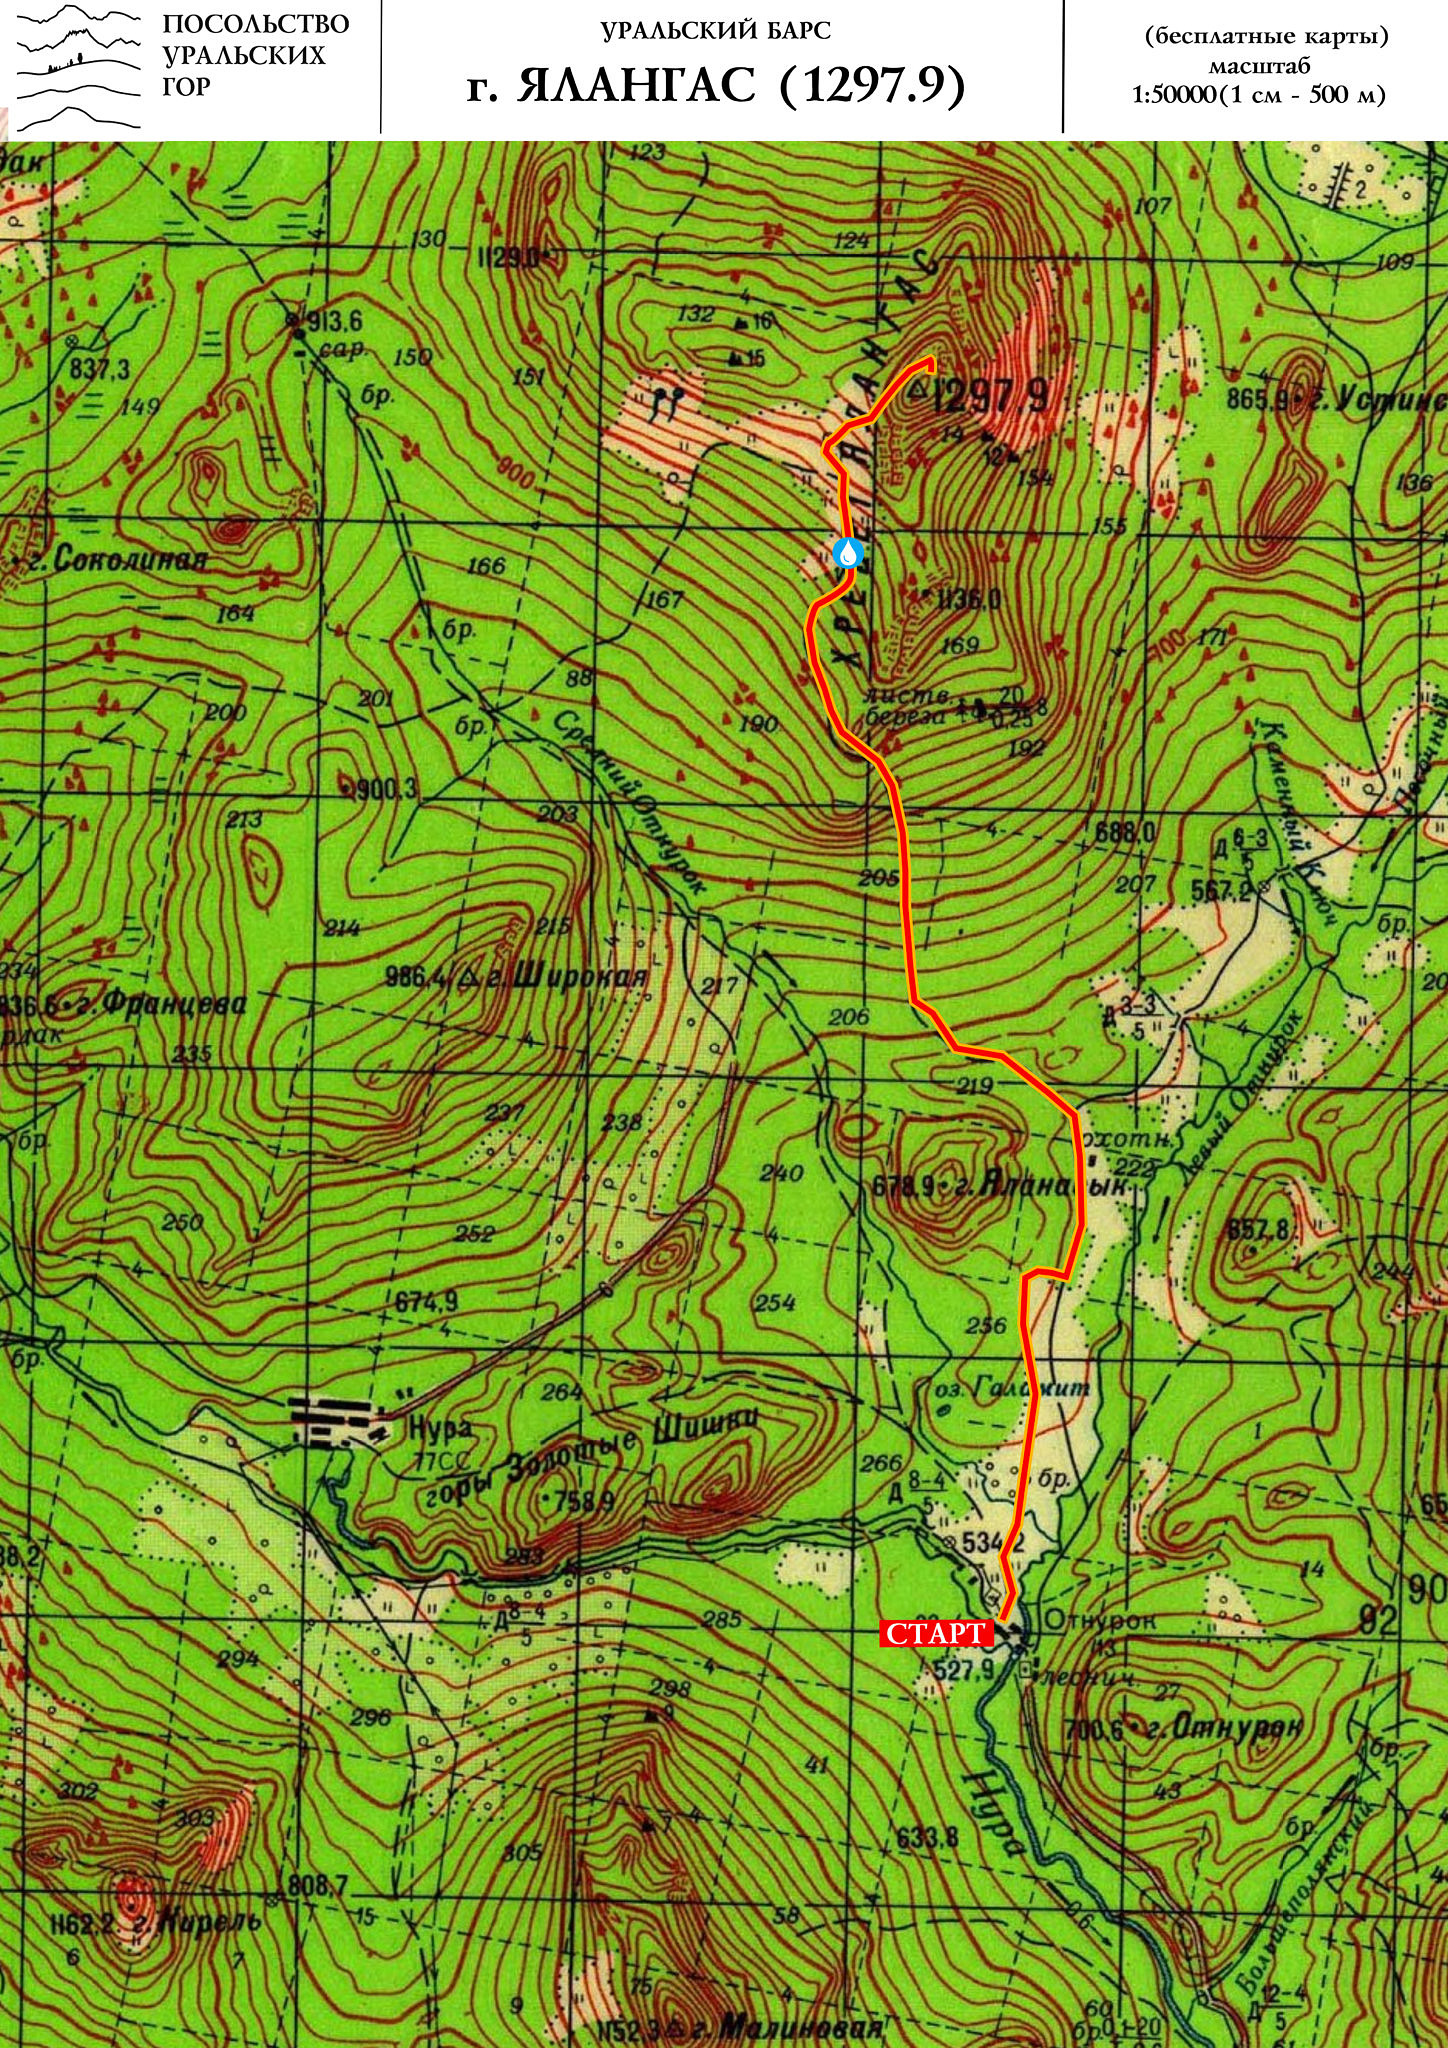 Карта с маршрутом на гору Ялангас